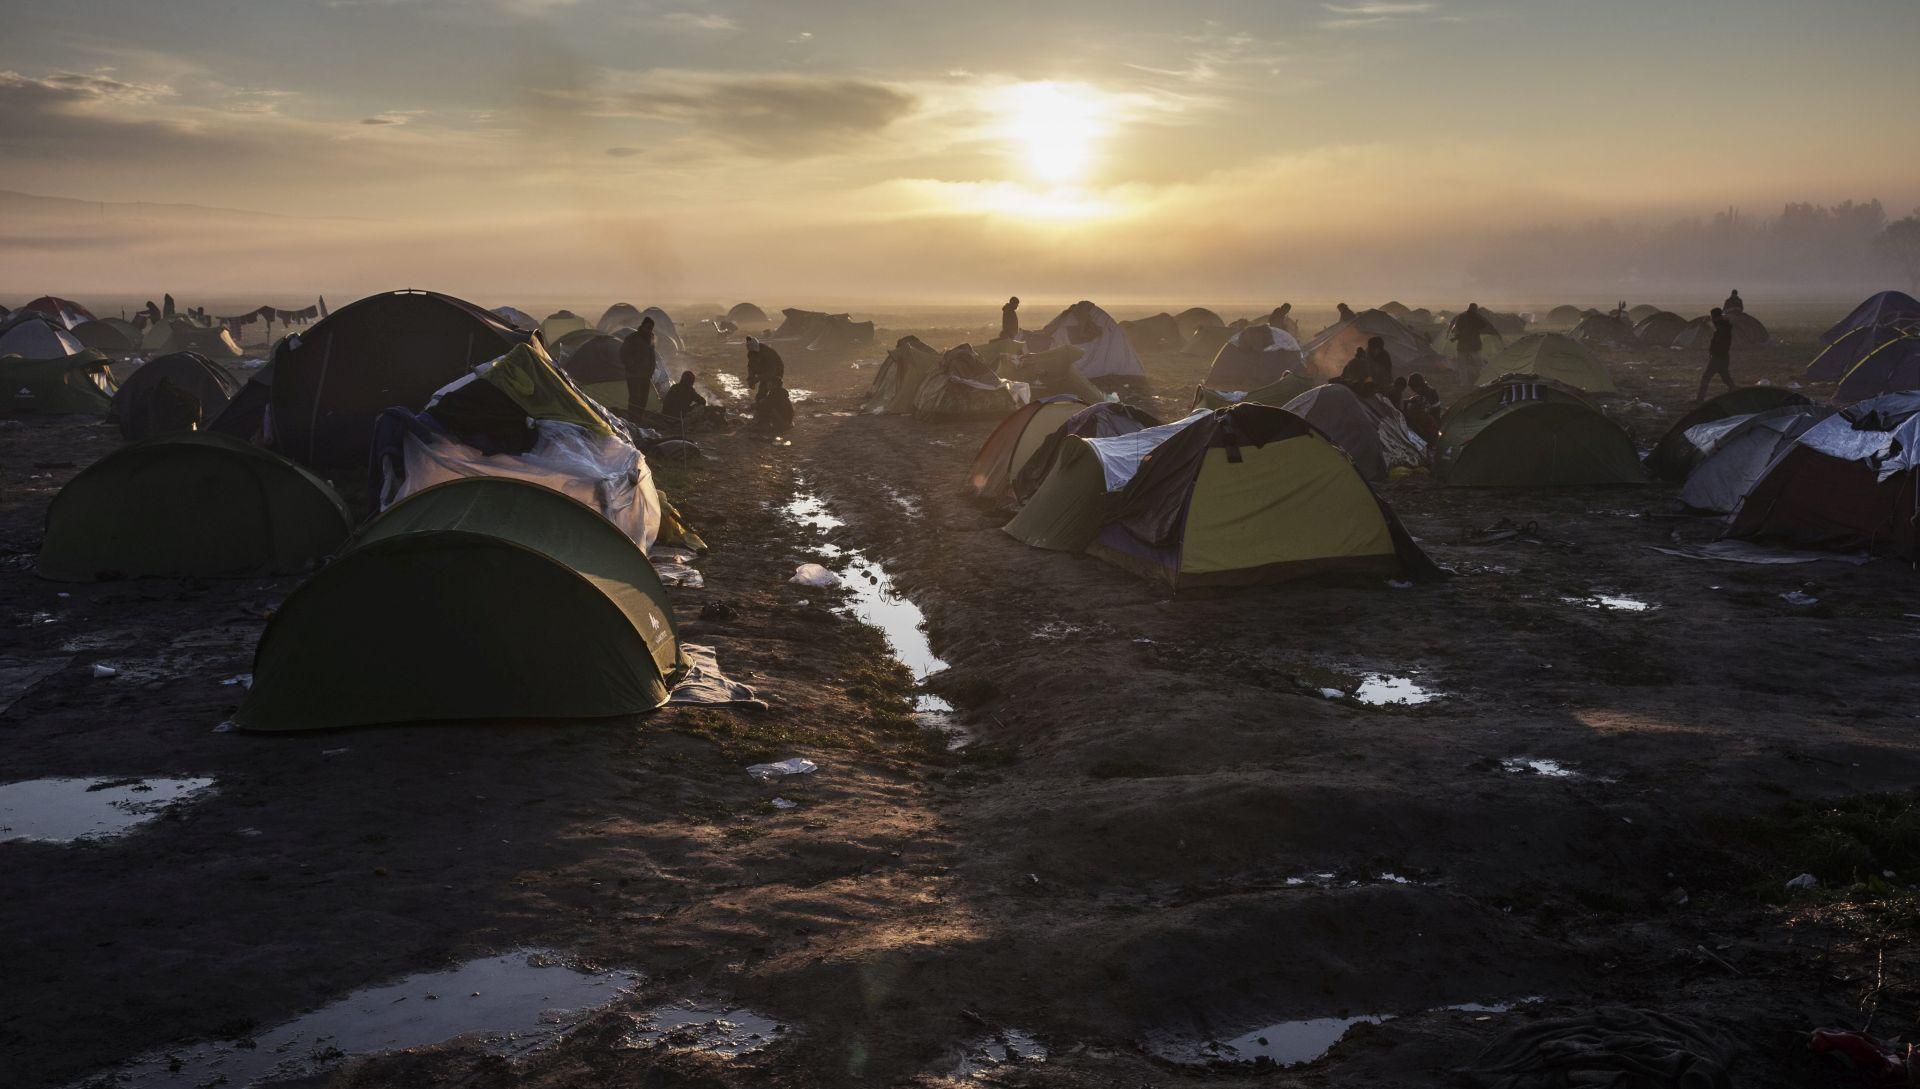 Izrael ukida humanitarnu pomoć Sirijcima